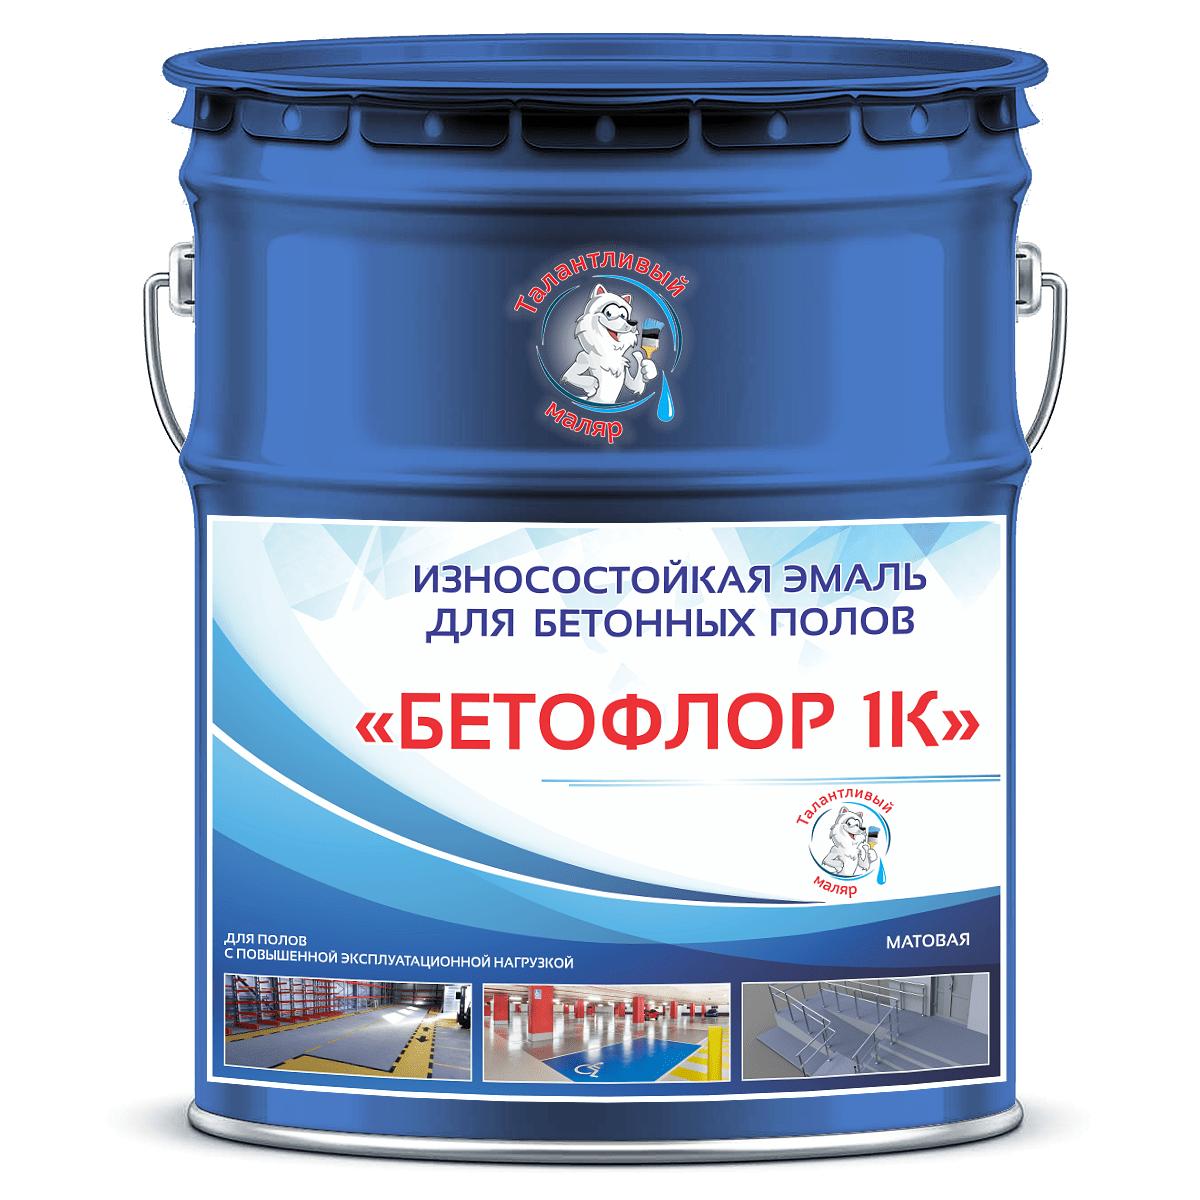 """Фото 22 - BF5010 Эмаль для бетонных полов """"Бетофлор"""" 1К цвет RAL 5010 Горечавково-синий, матовая износостойкая, 25 кг """"Талантливый Маляр""""."""